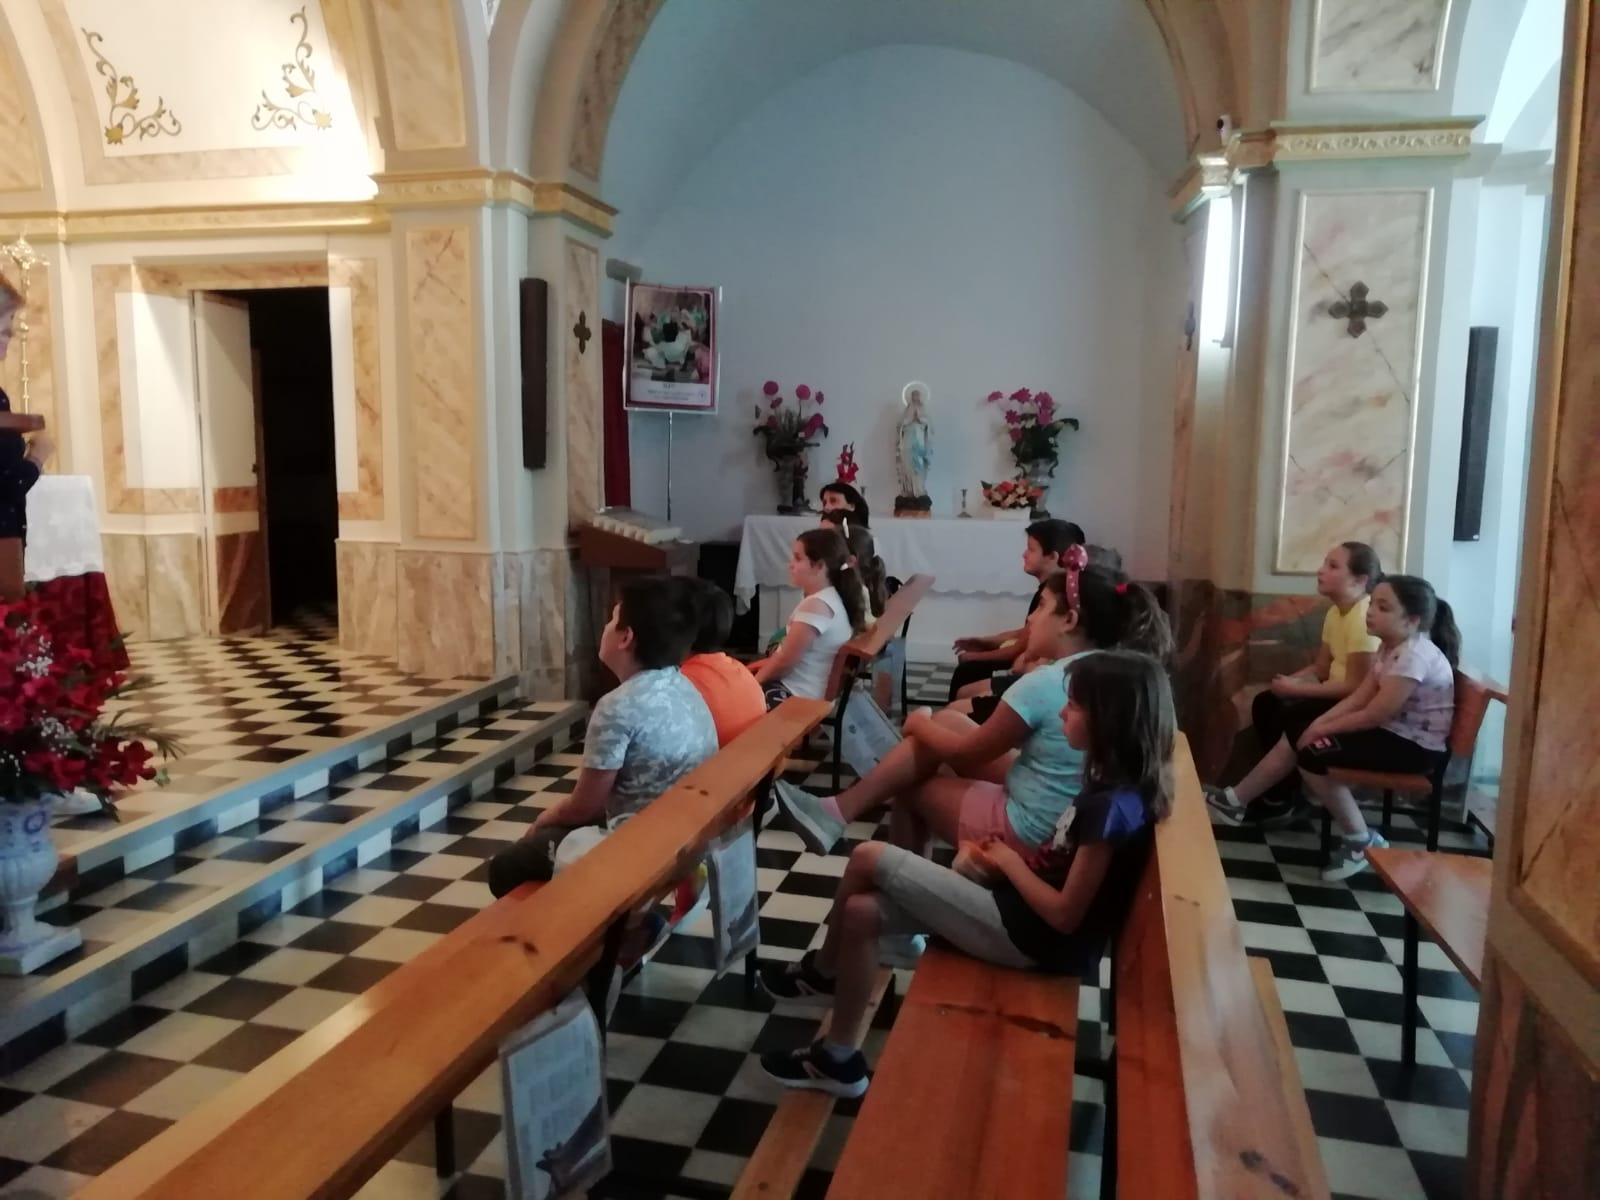 (2019-05-29) Visita alumnos Laura - 3 B primaria - Reina Sofia - Isabel B (03)